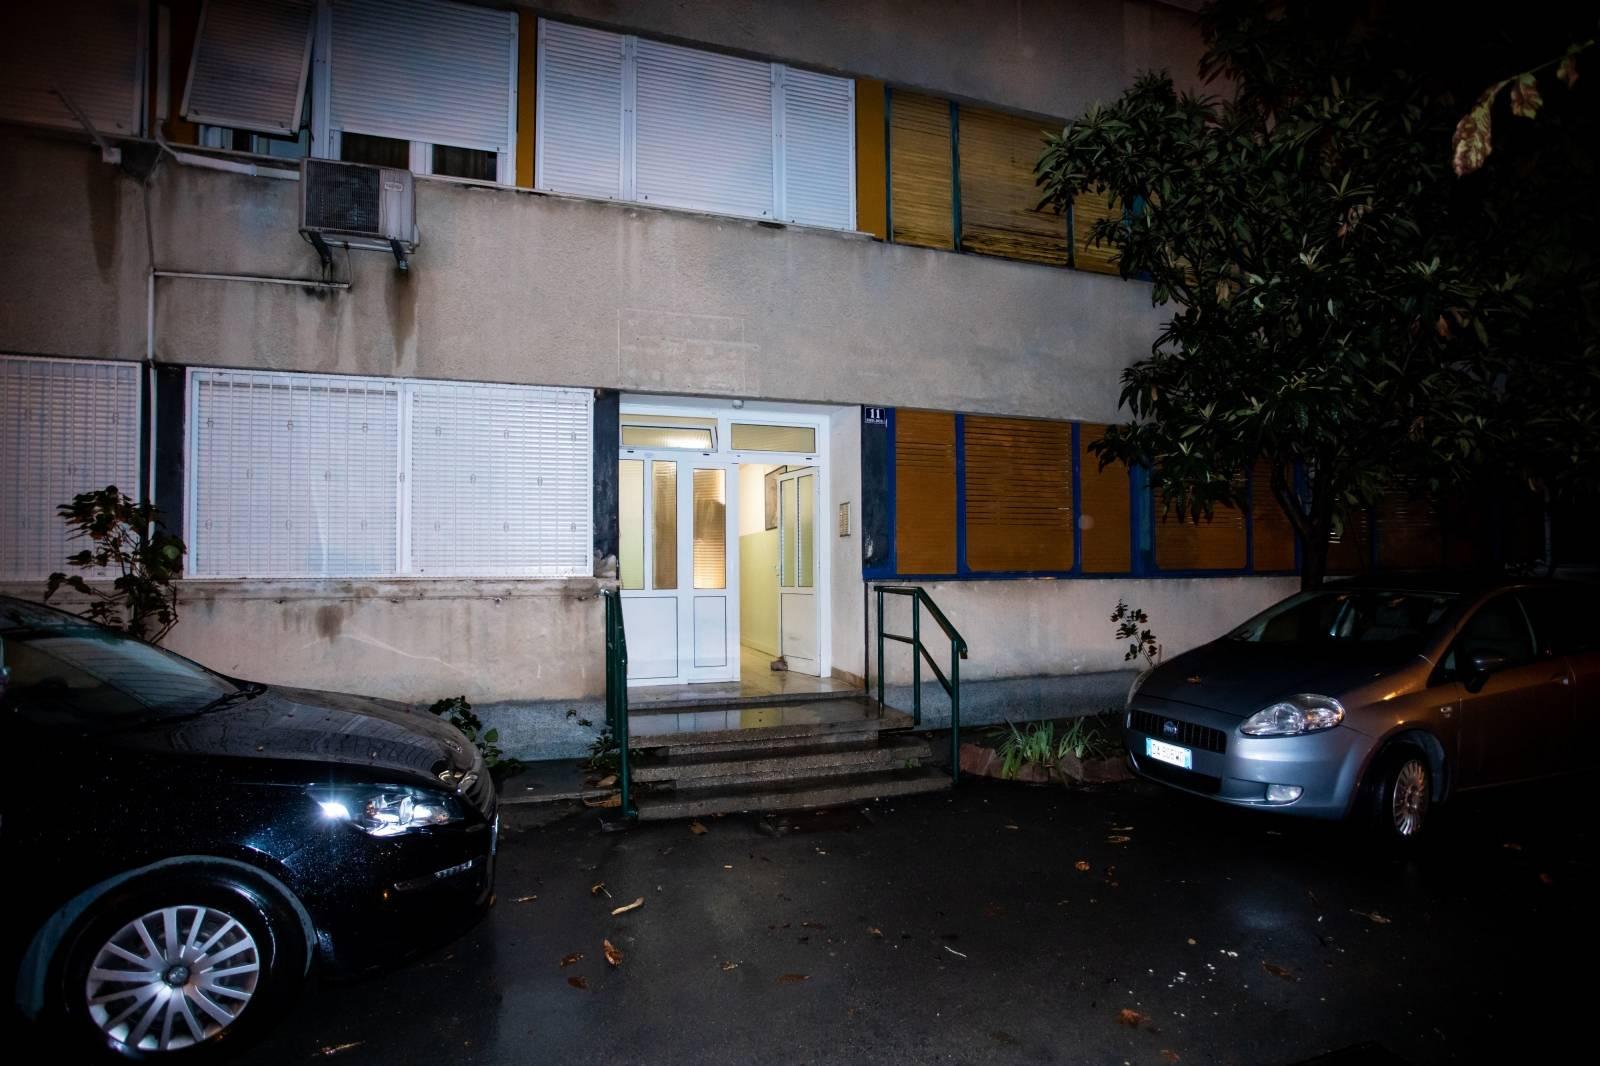 Splita: Zgrada u Sukoišanskoj ulici u kojoj je pronađeno mrtvo tijelo ženske osobe